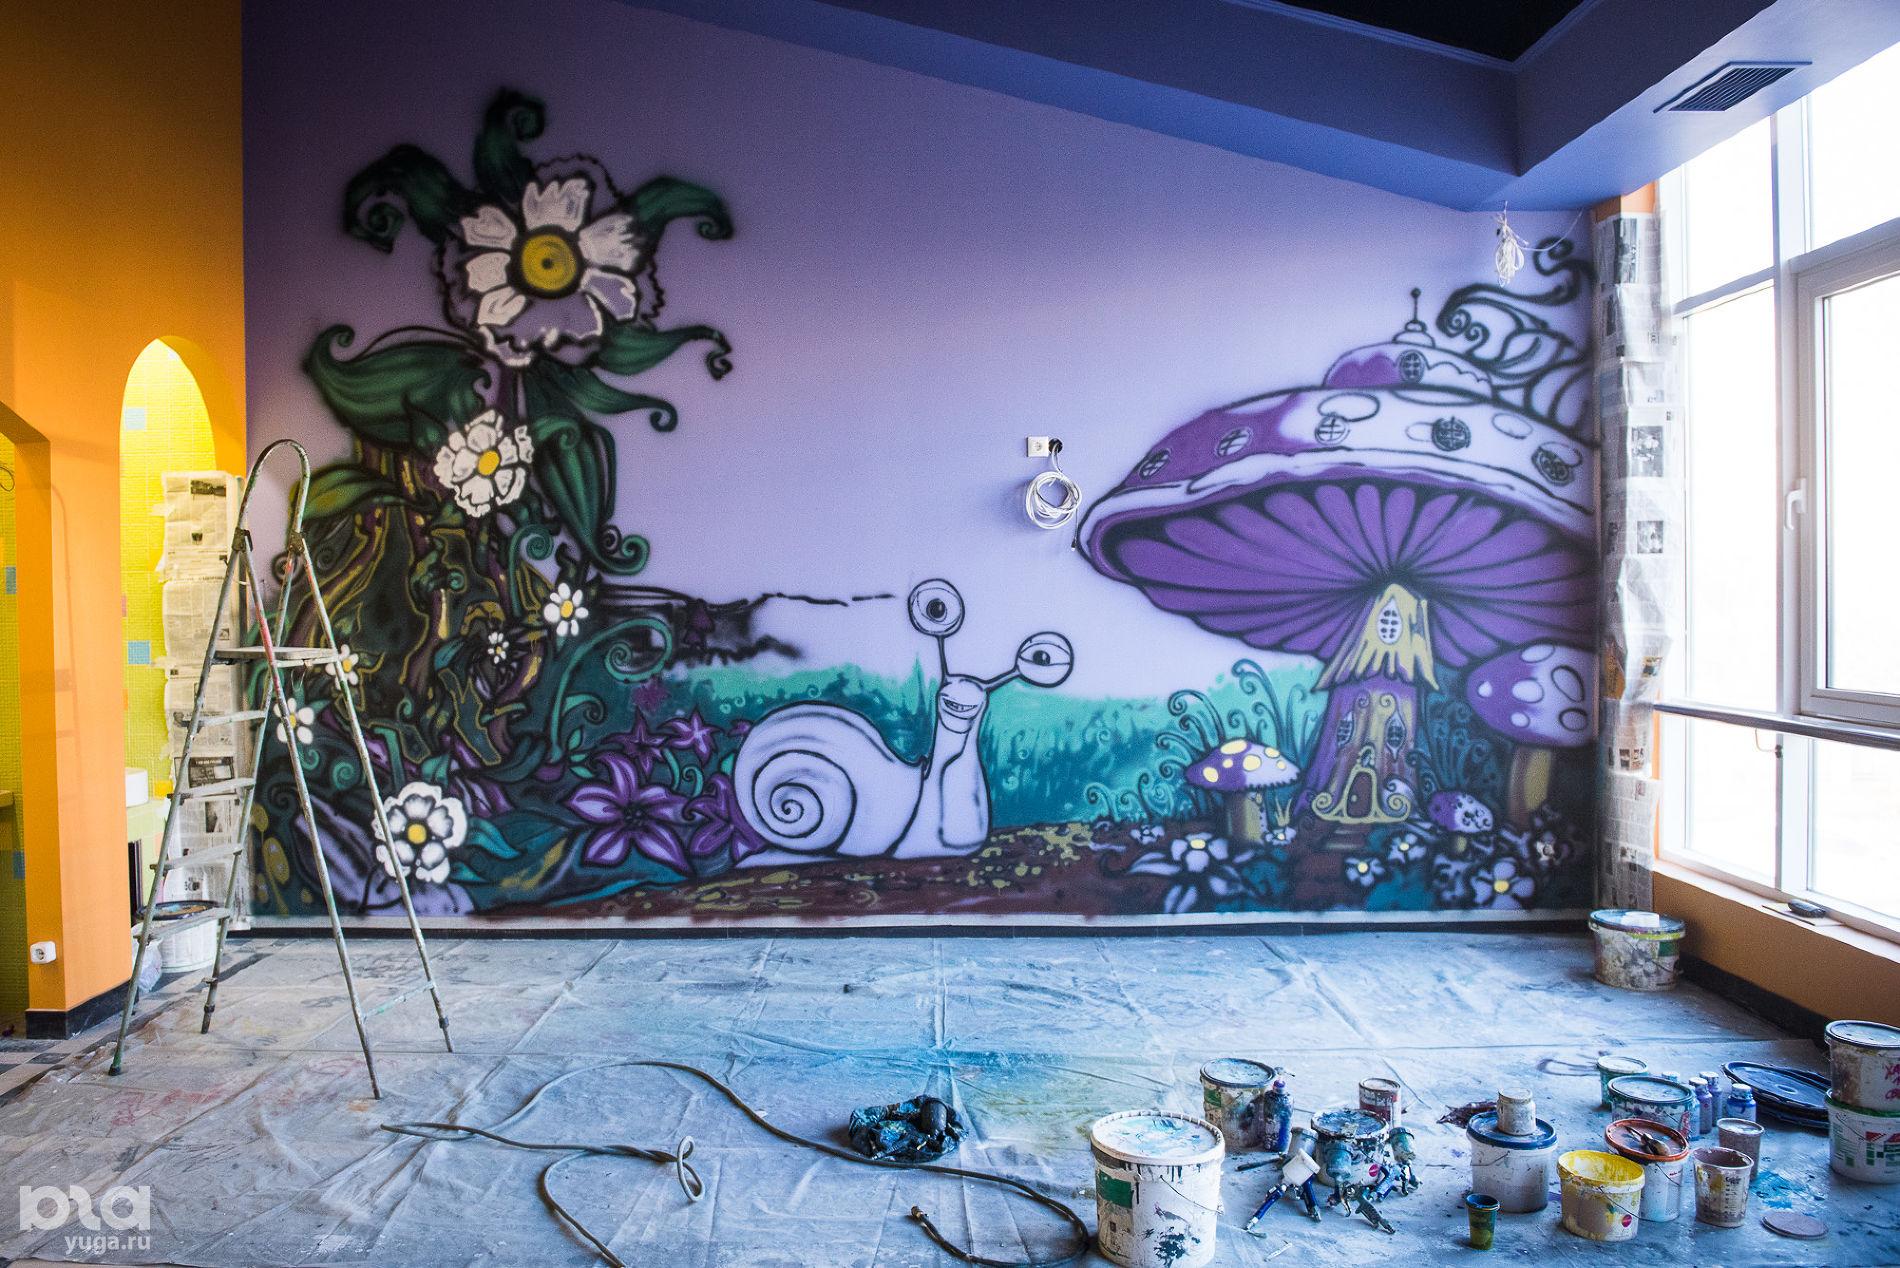 Незаконченная роспись в детском центре, ЮМР ©Фото Елены Синеок, Юга.ру